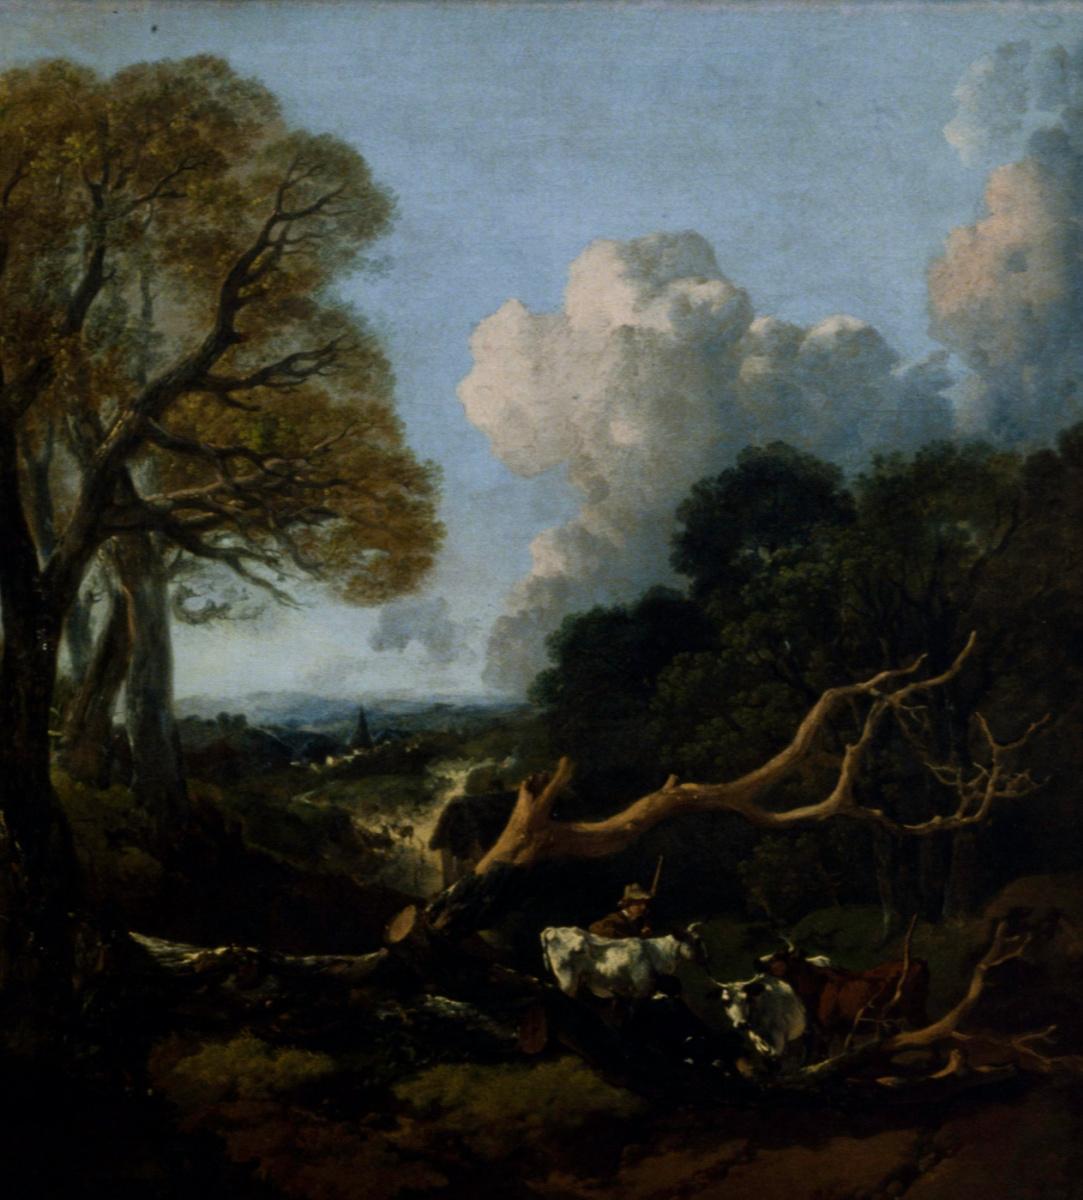 Thomas Gainsborough. Fallen tree